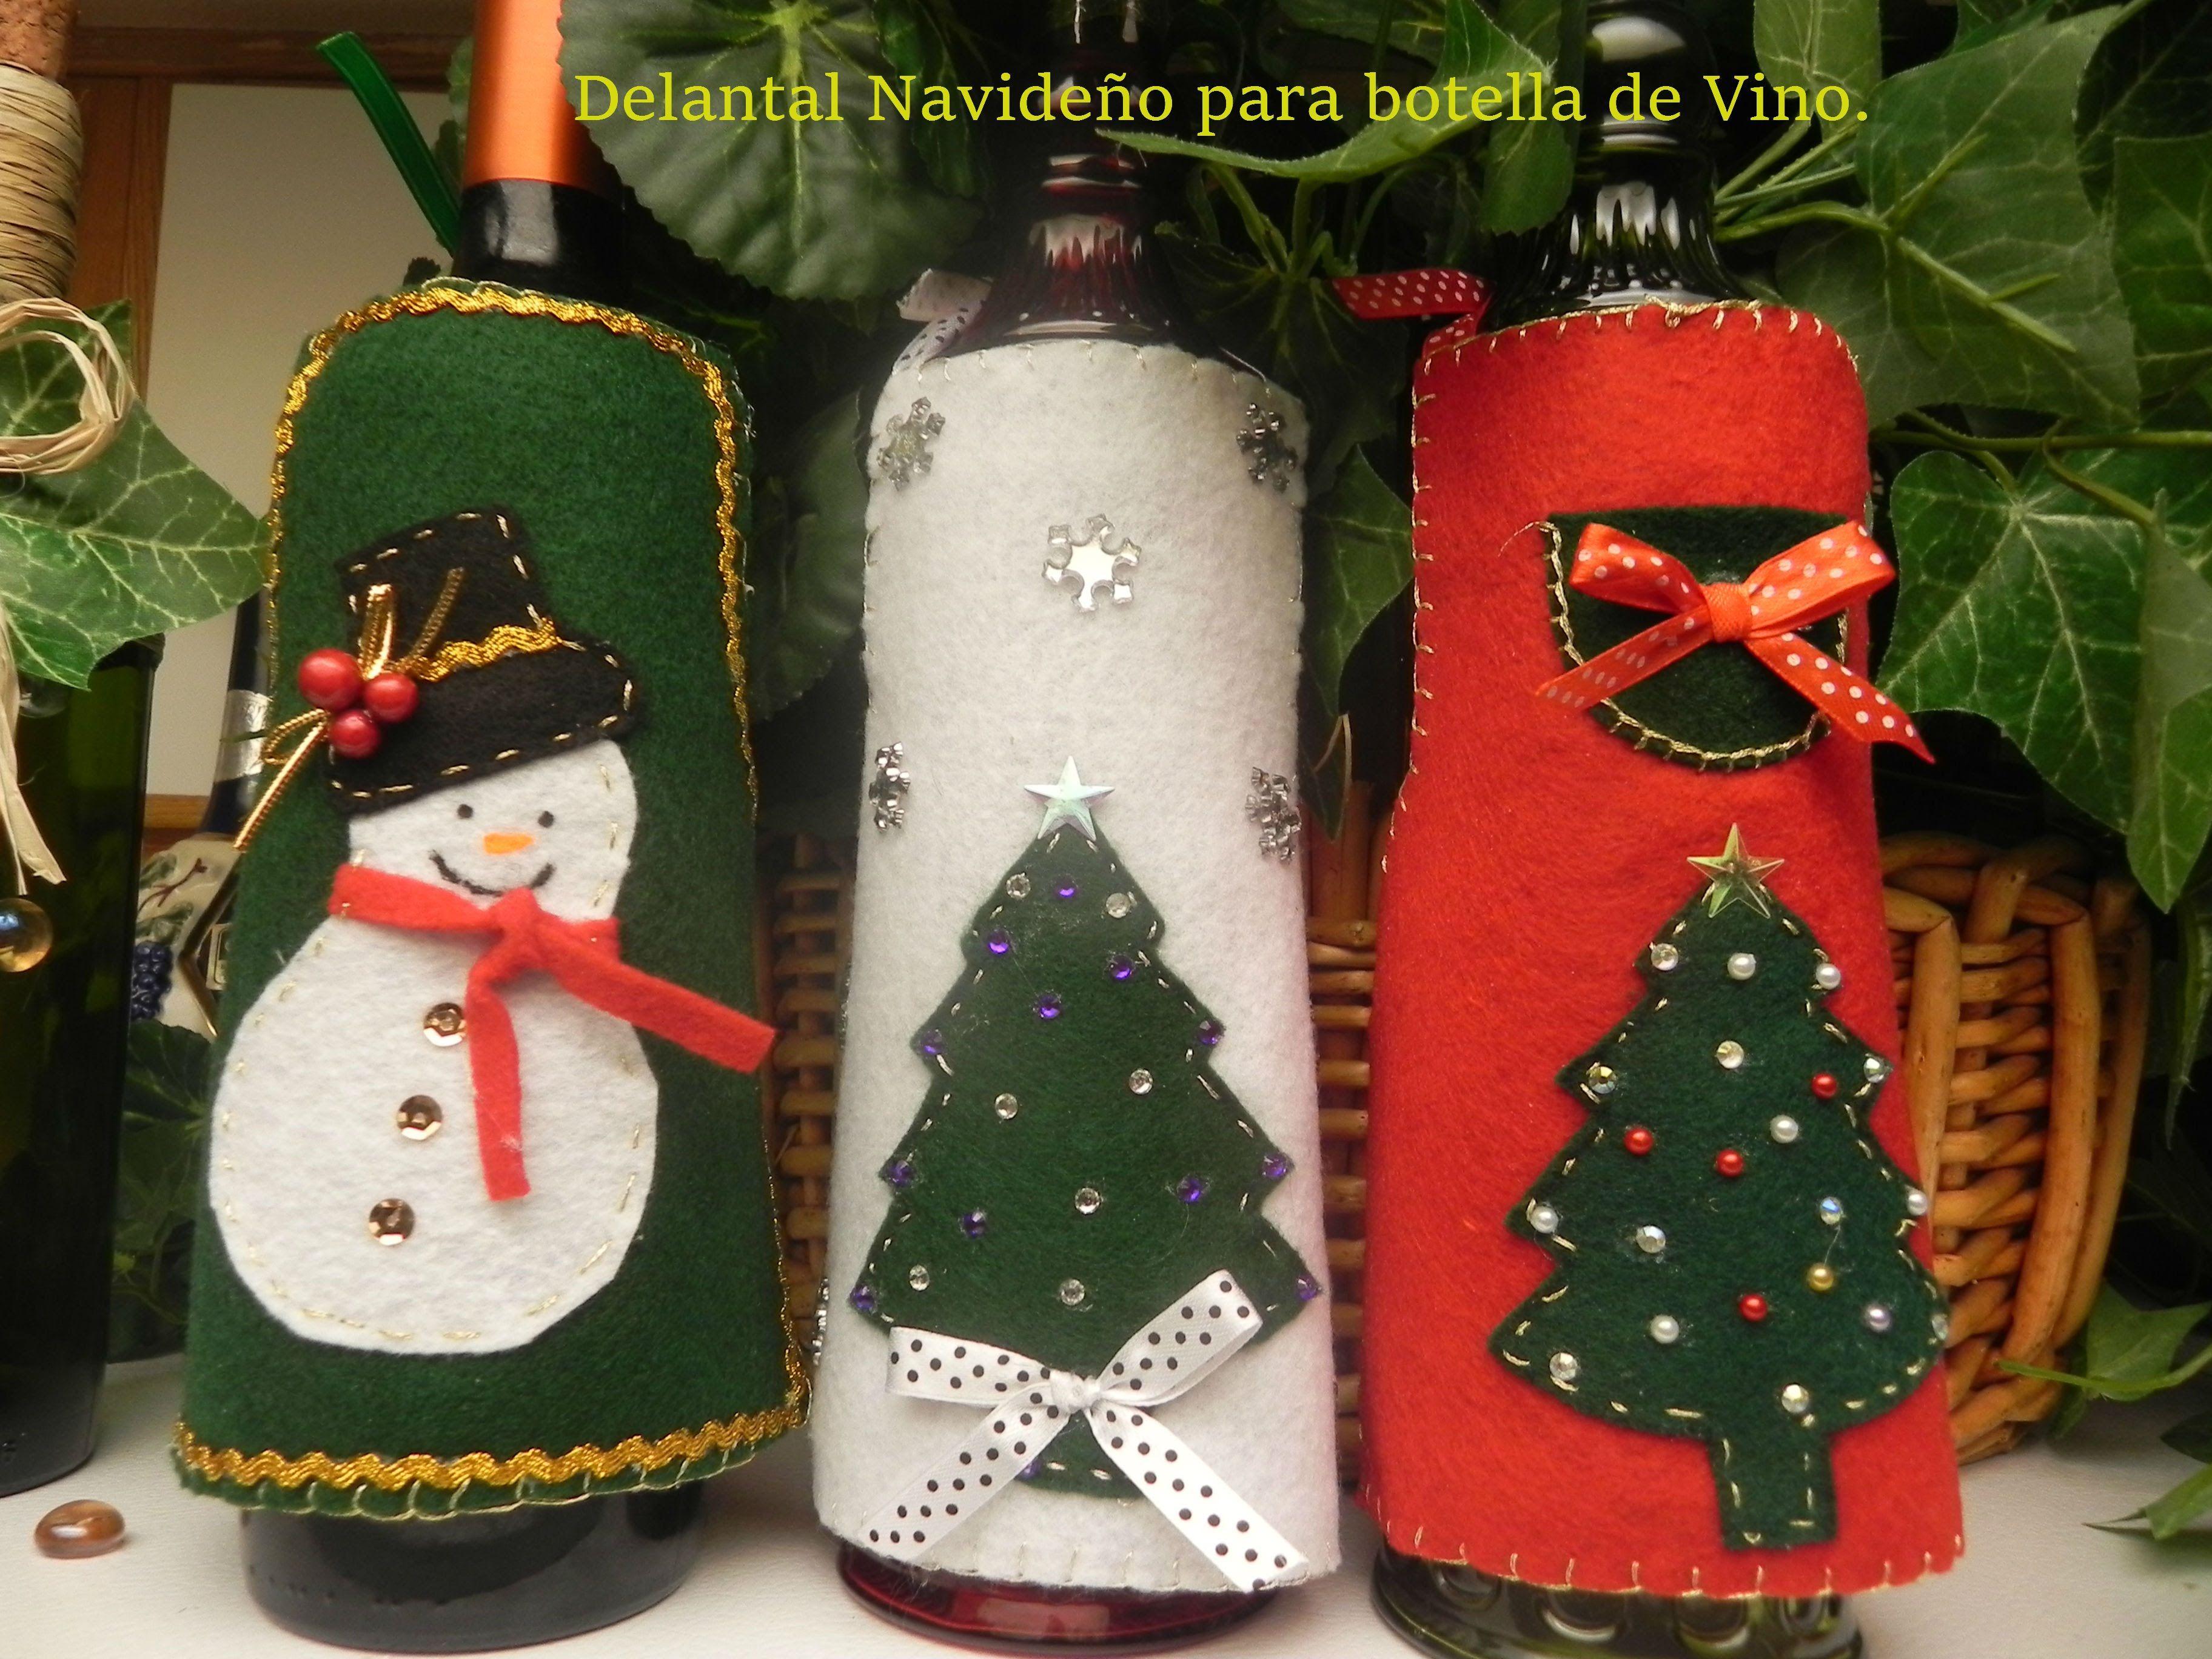 Delantal navide o para botella de vino video - Como hacer motivos navidenos ...